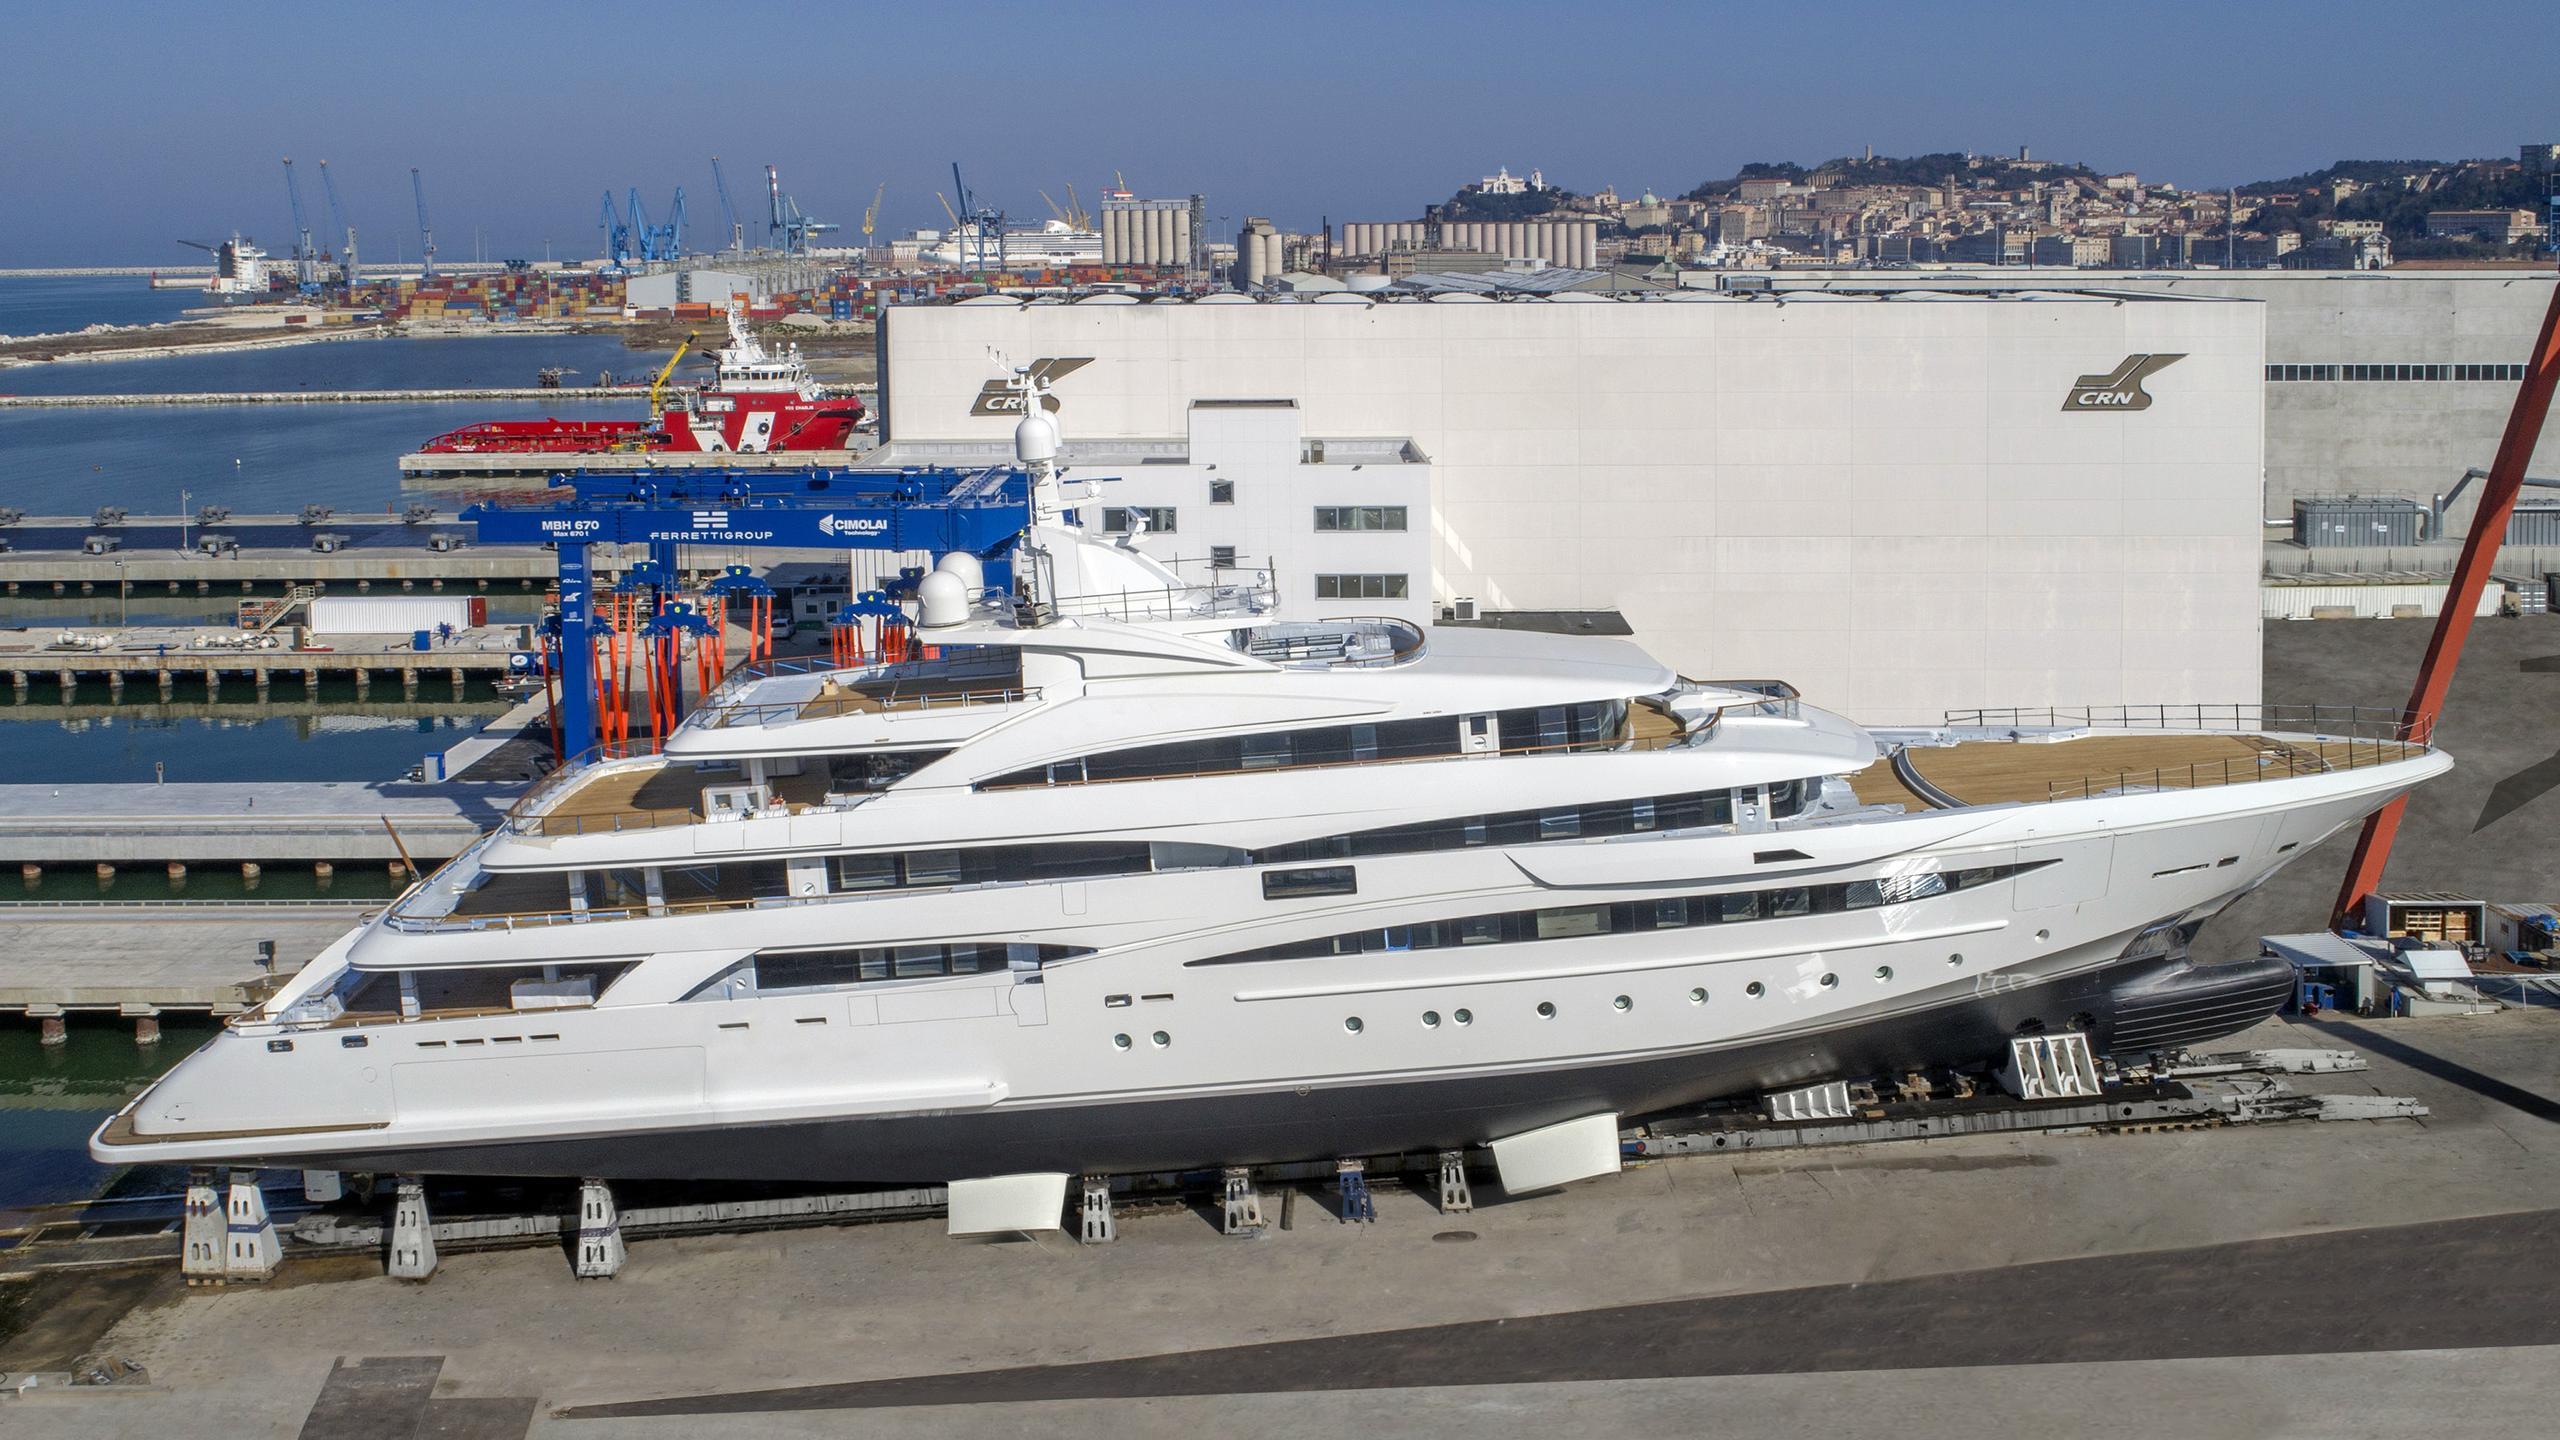 mimtee motoryacht crn yachts 135 80m 2019 slipway profile